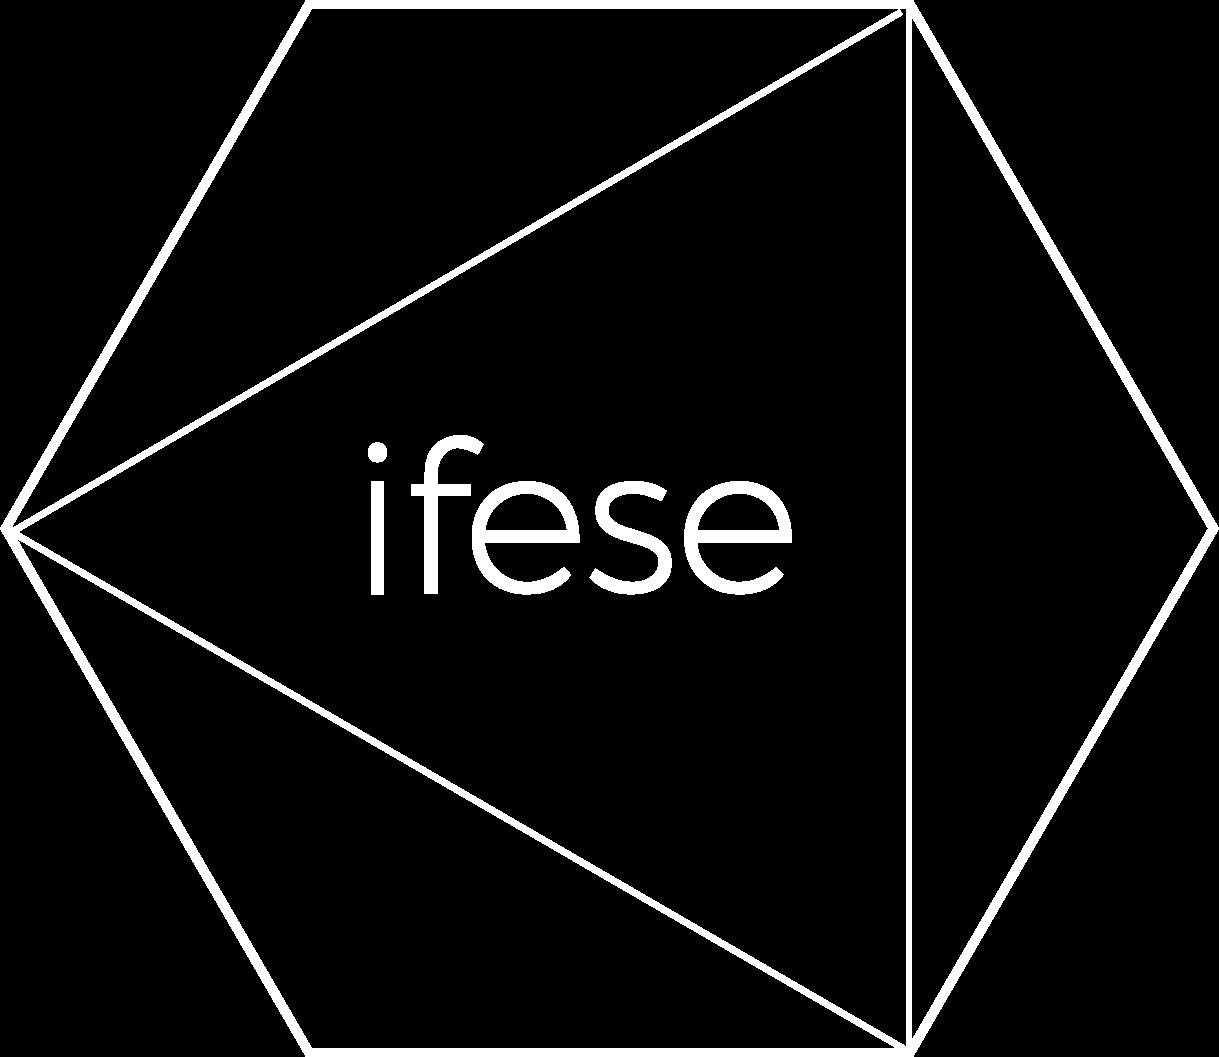 Ifese vzw